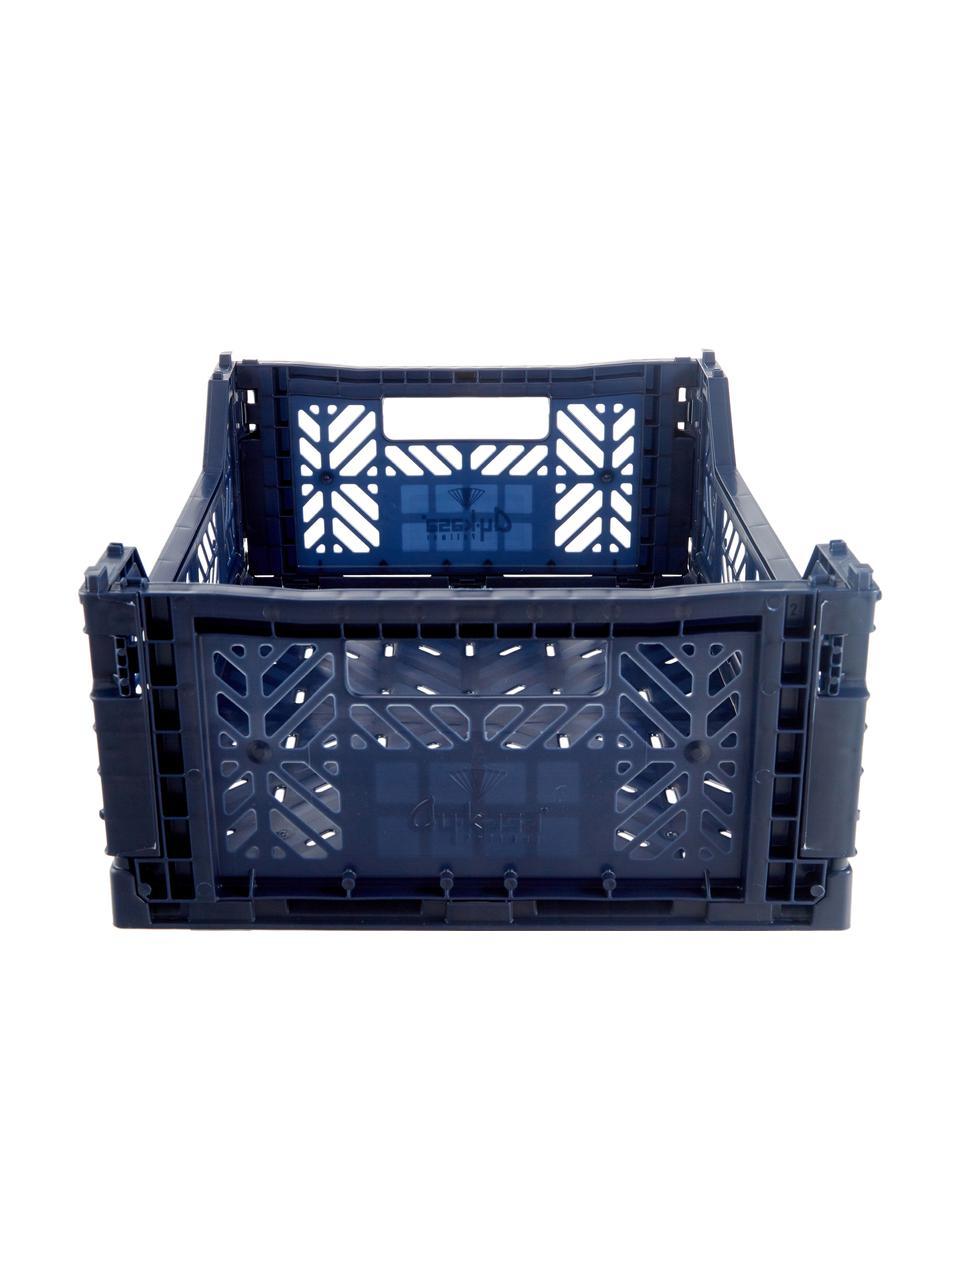 Cesto medio pieghevole e impilabile Navy, Materiale sintetico riciclato, Blu navy, Larg. 40 x Alt. 14 cm